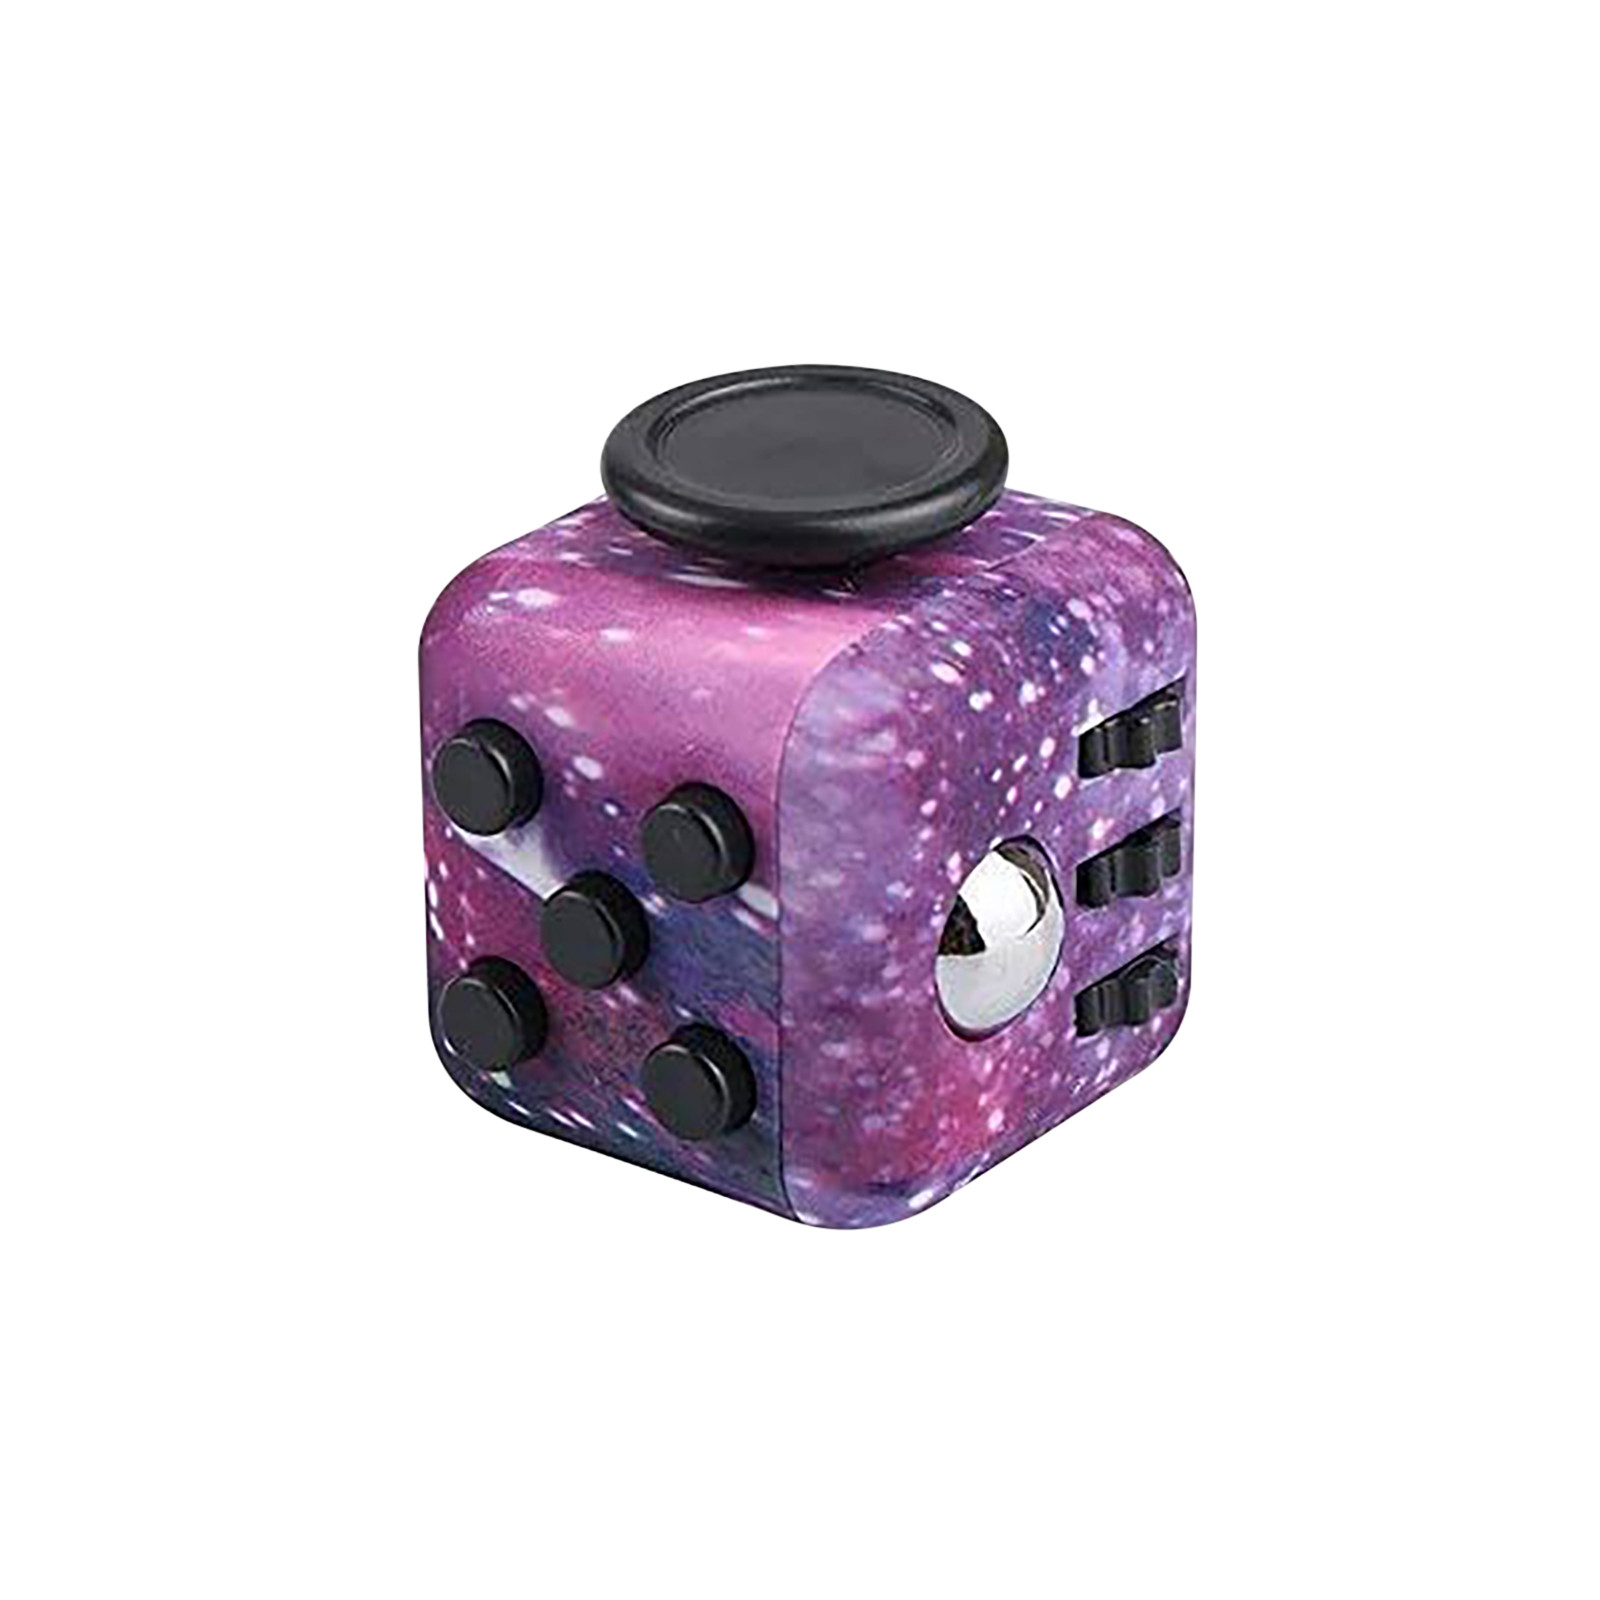 Ansiedade alívio do estresse atenção descompressão foco fidget jogos dados brinquedos para crianças presentes adultos alívio do estresse brinquedos # y5